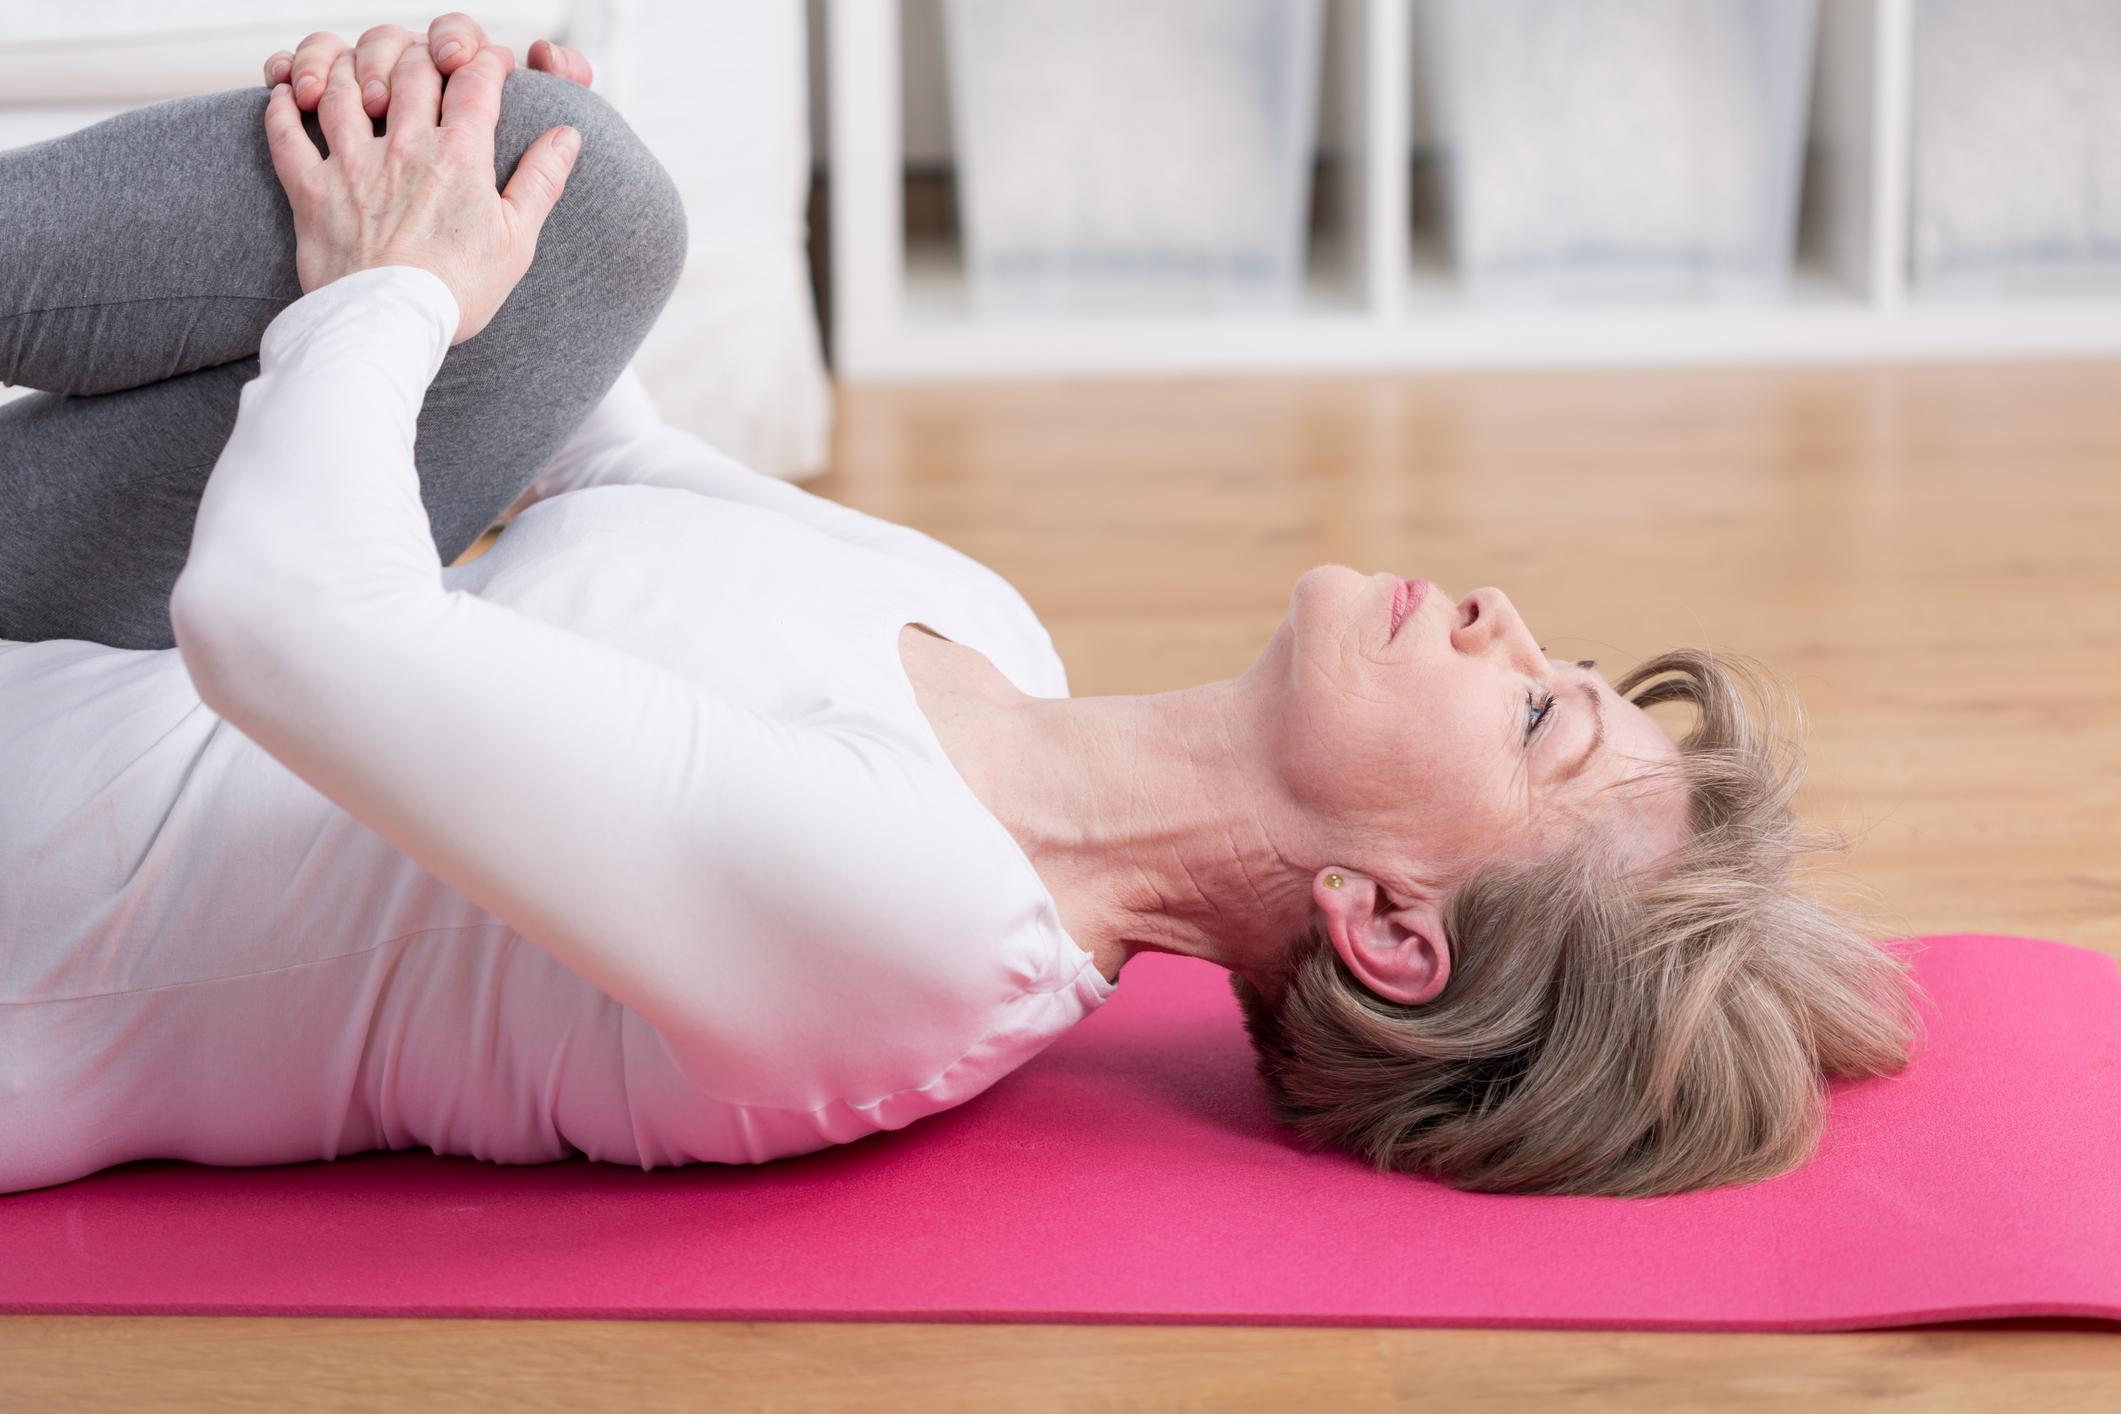 O Pilates está na moda e é uma atividade que chama a atenção de muitas pessoas que não gostam de ir à academia. Veja os benefícios do Pilates!